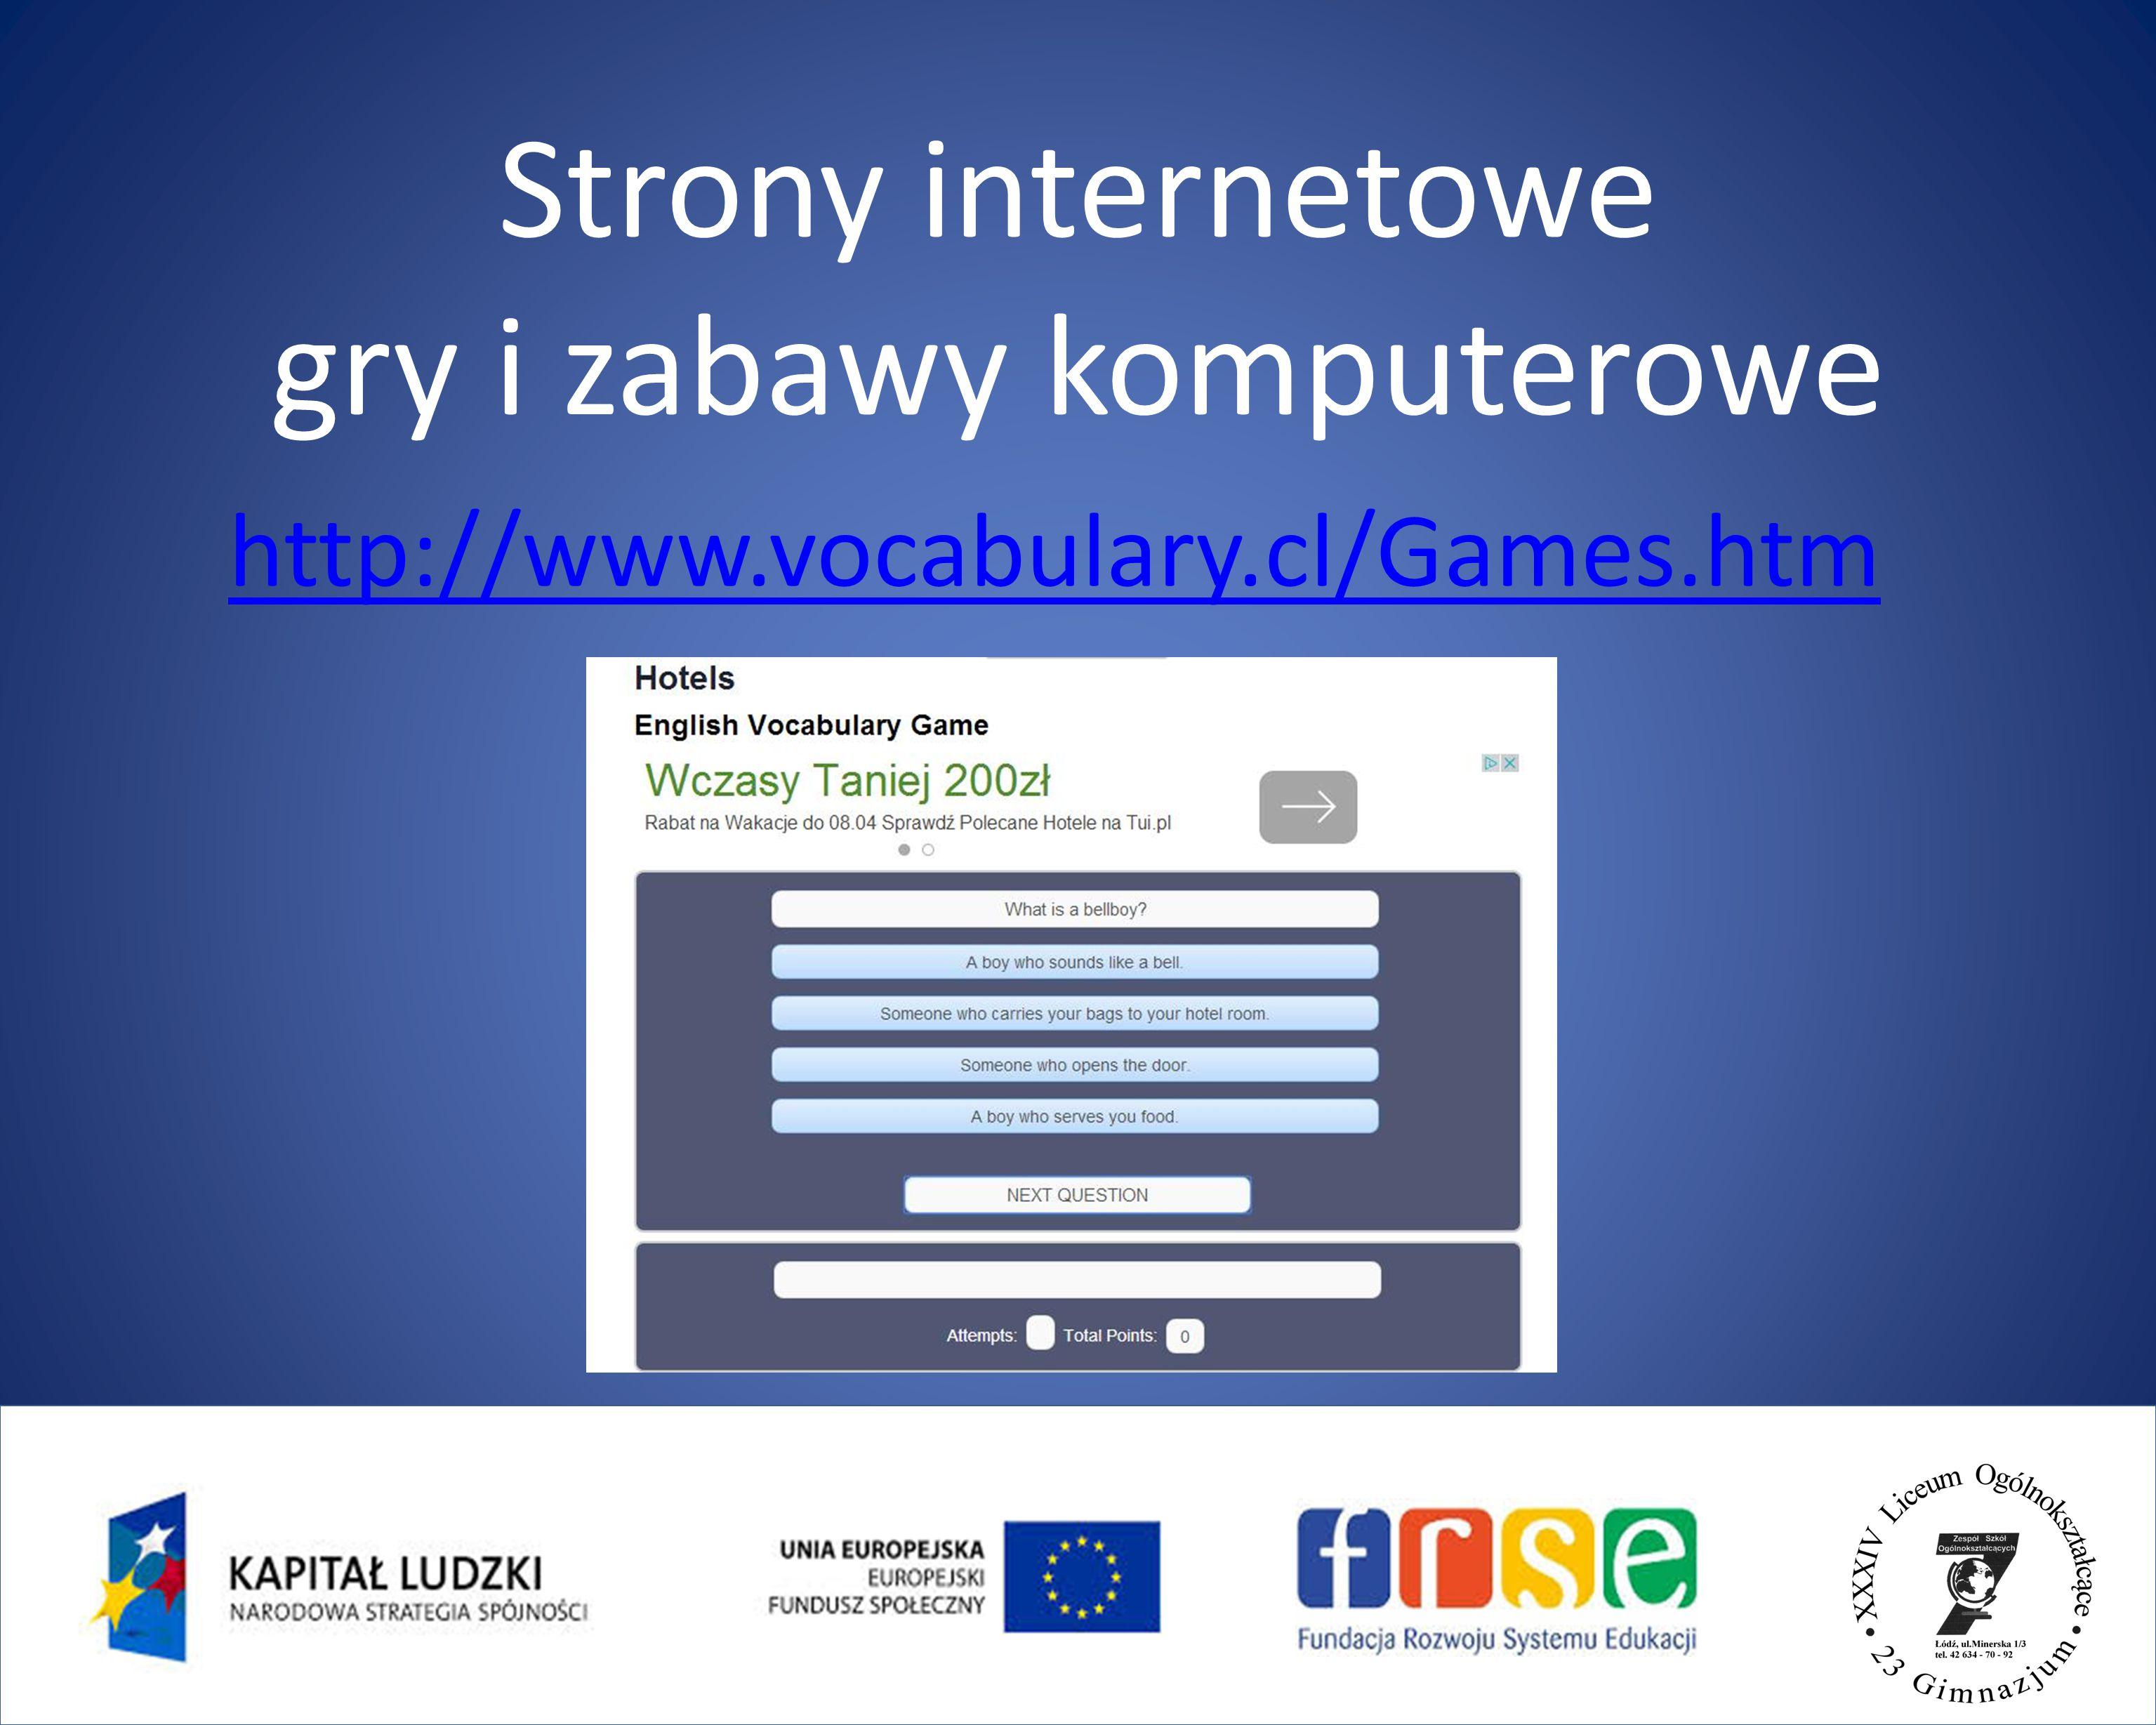 Strony internetowe gry i zabawy komputerowe http://www.vocabulary.cl/Games.htm